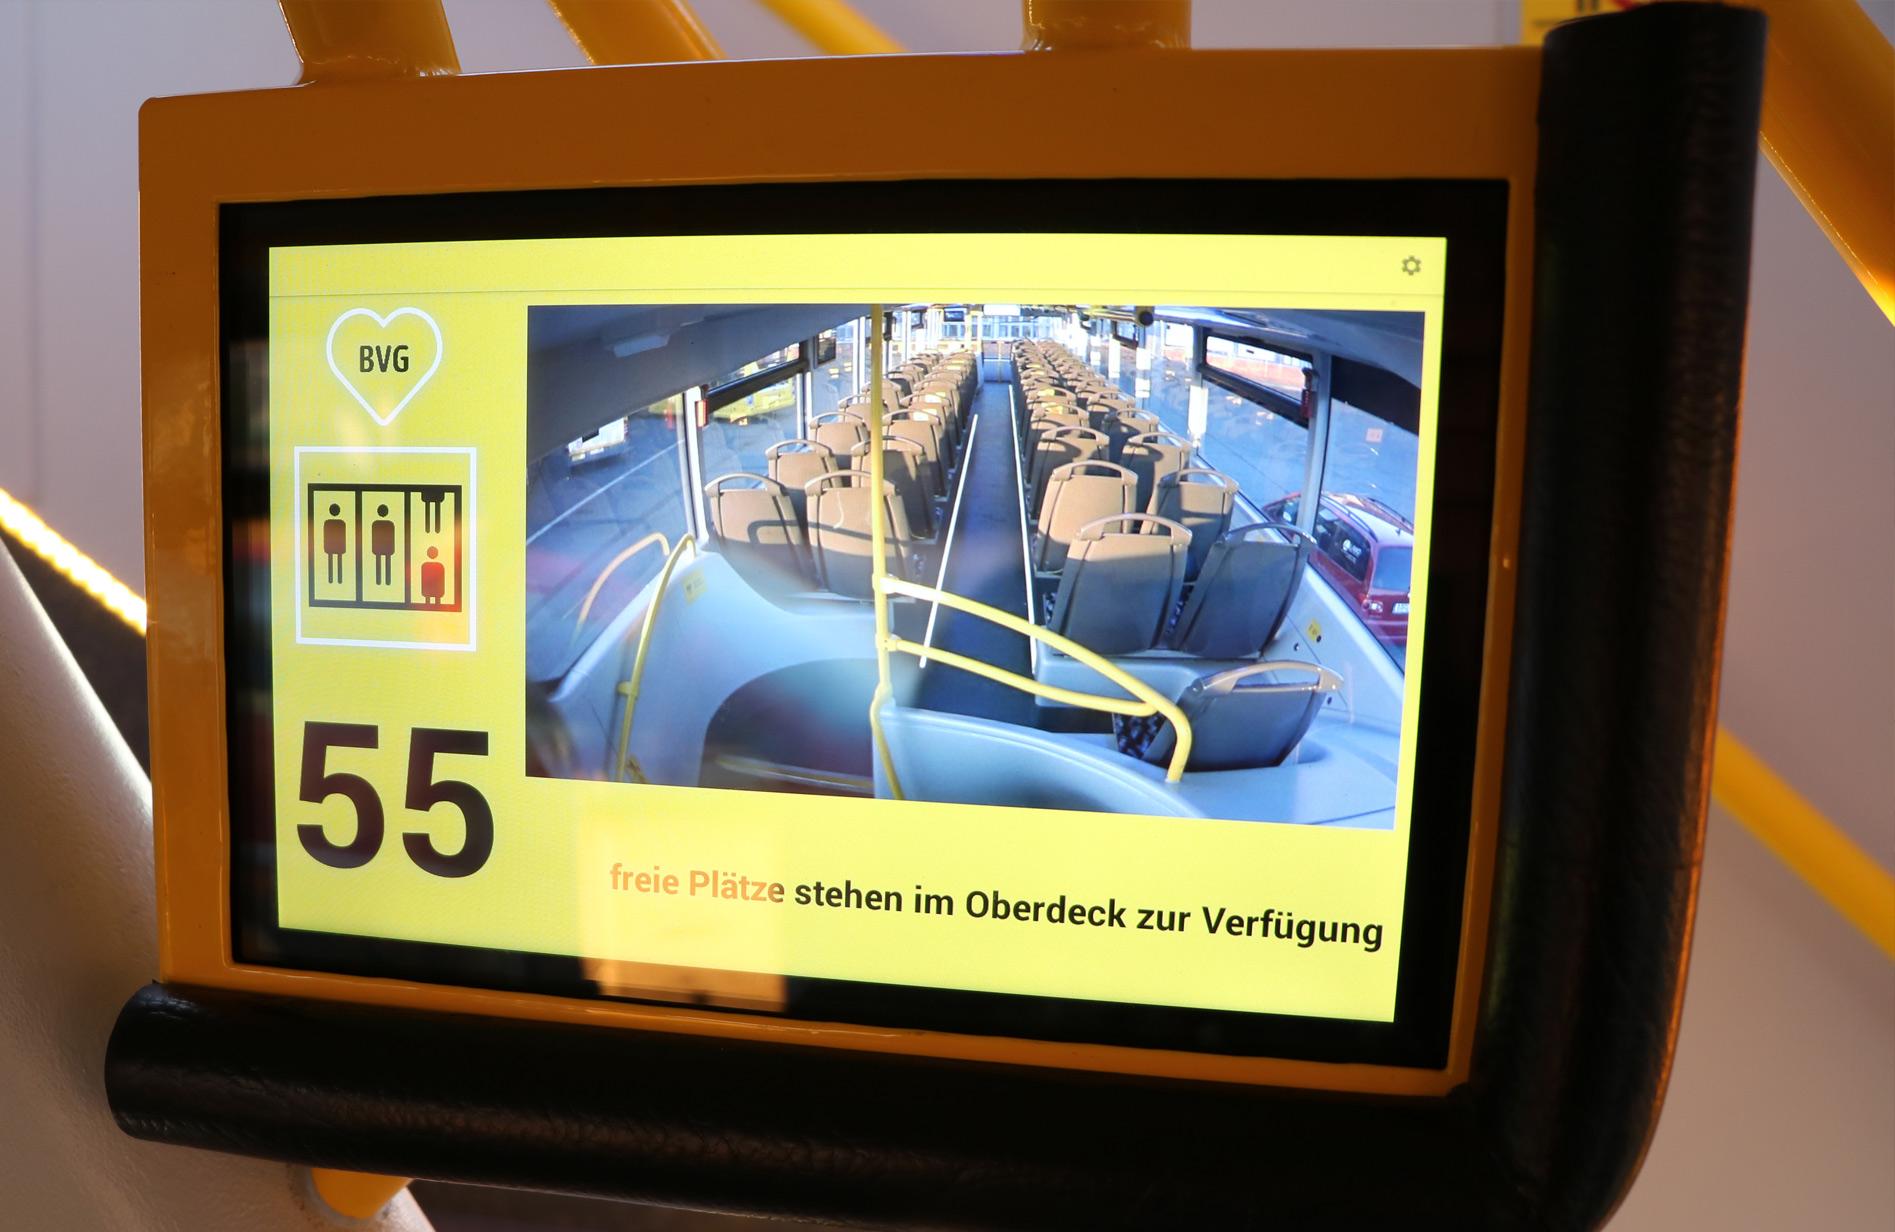 Innovativ in die Zukunft - Fahrgastleitung durch Kameras und TFT-Monitore im Innovationsbus